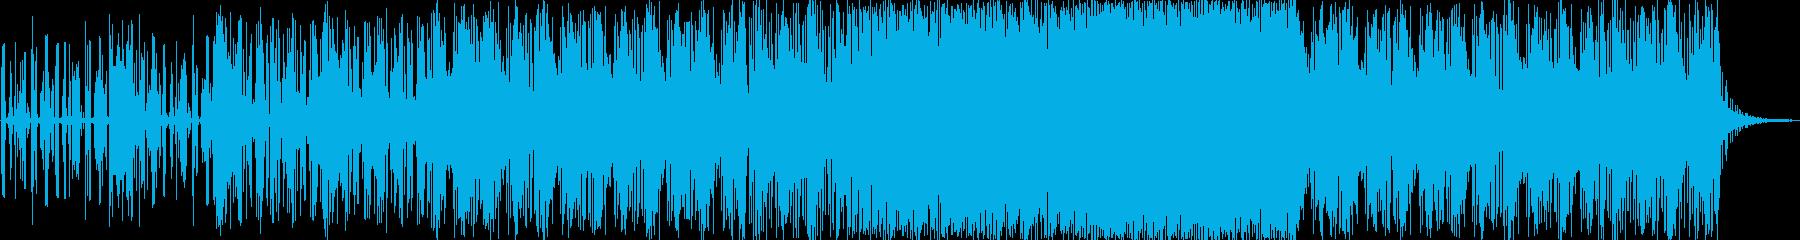 ノイズ 近未来 最先端テクノロジー ニカの再生済みの波形